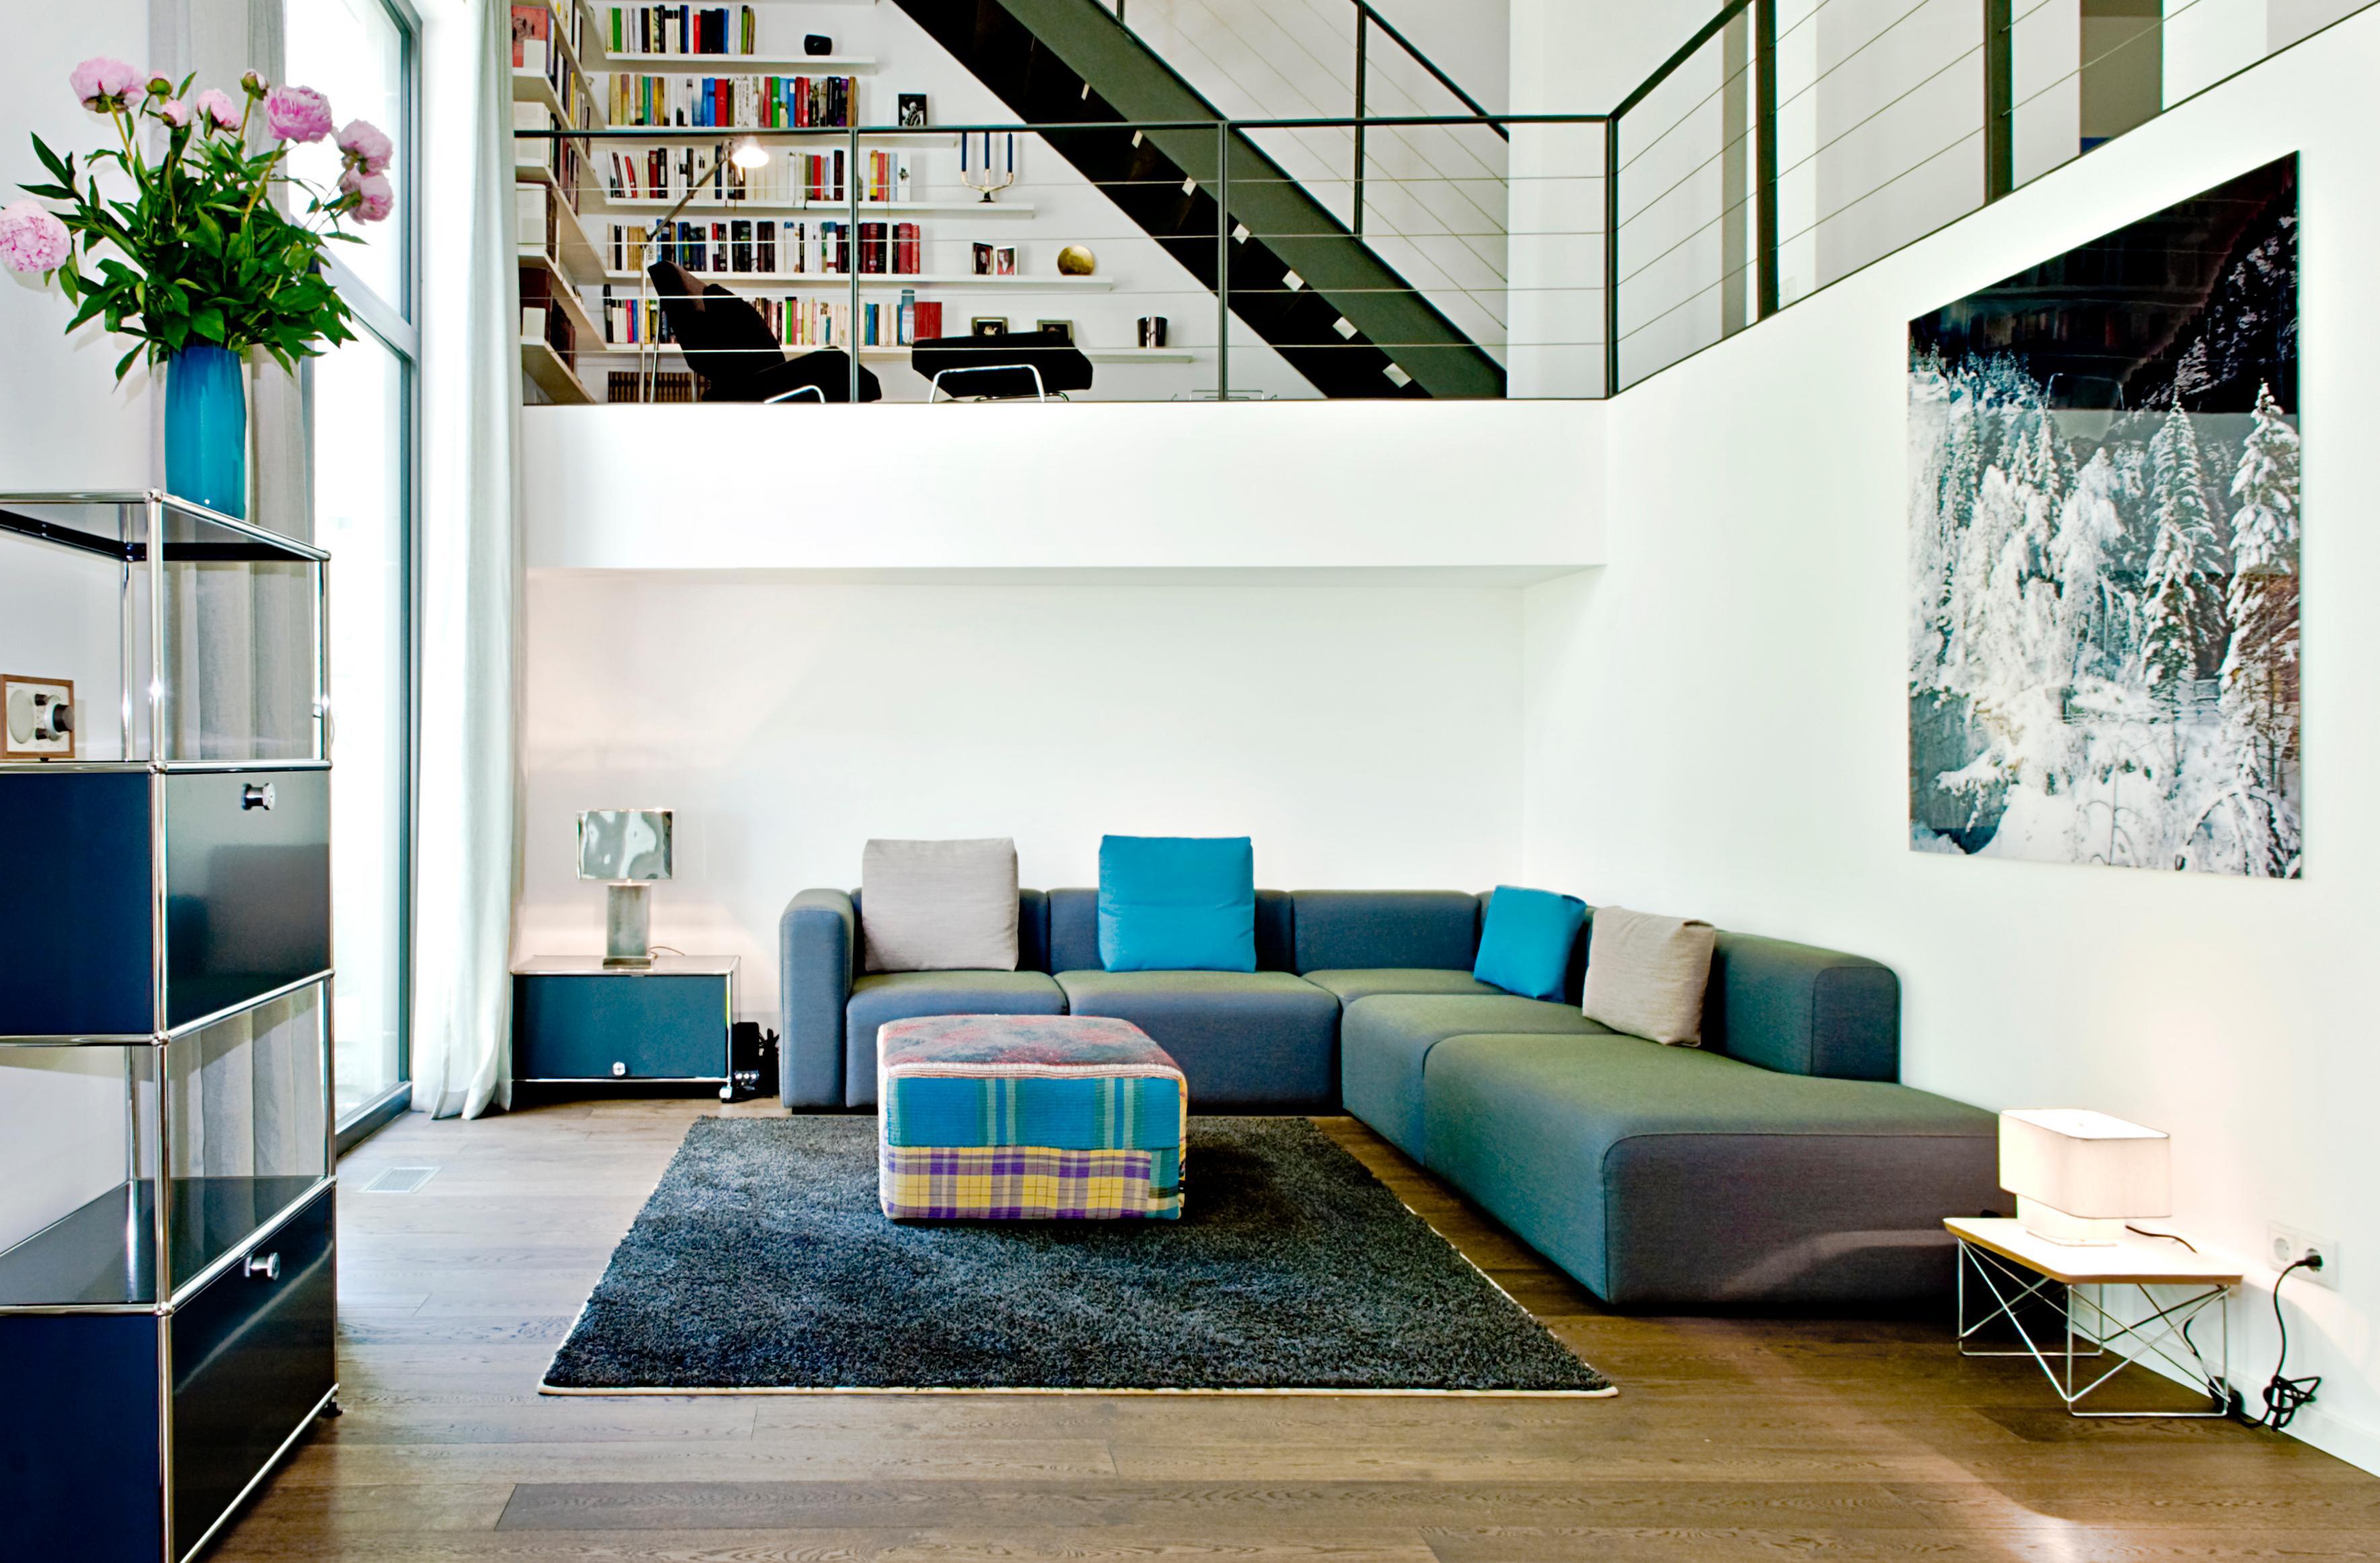 Galeriewohnung bilder ideen couch - Roomido wohnzimmer ...